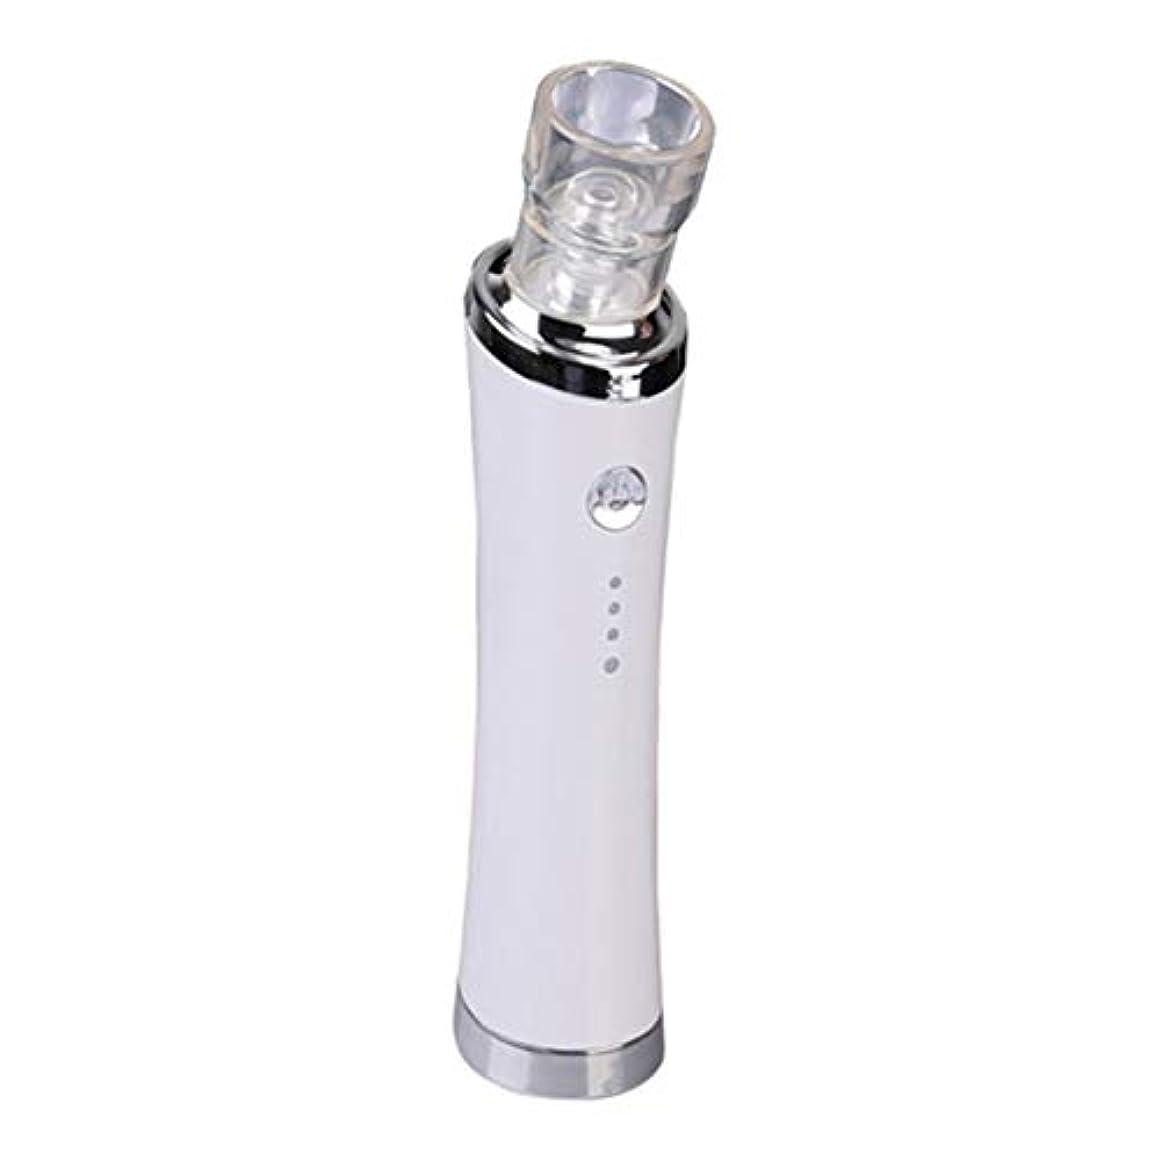 ブラックヘッドリムーバー - にきび洗顔器に電気吸引穴美容師クレンジング器具を輸出する